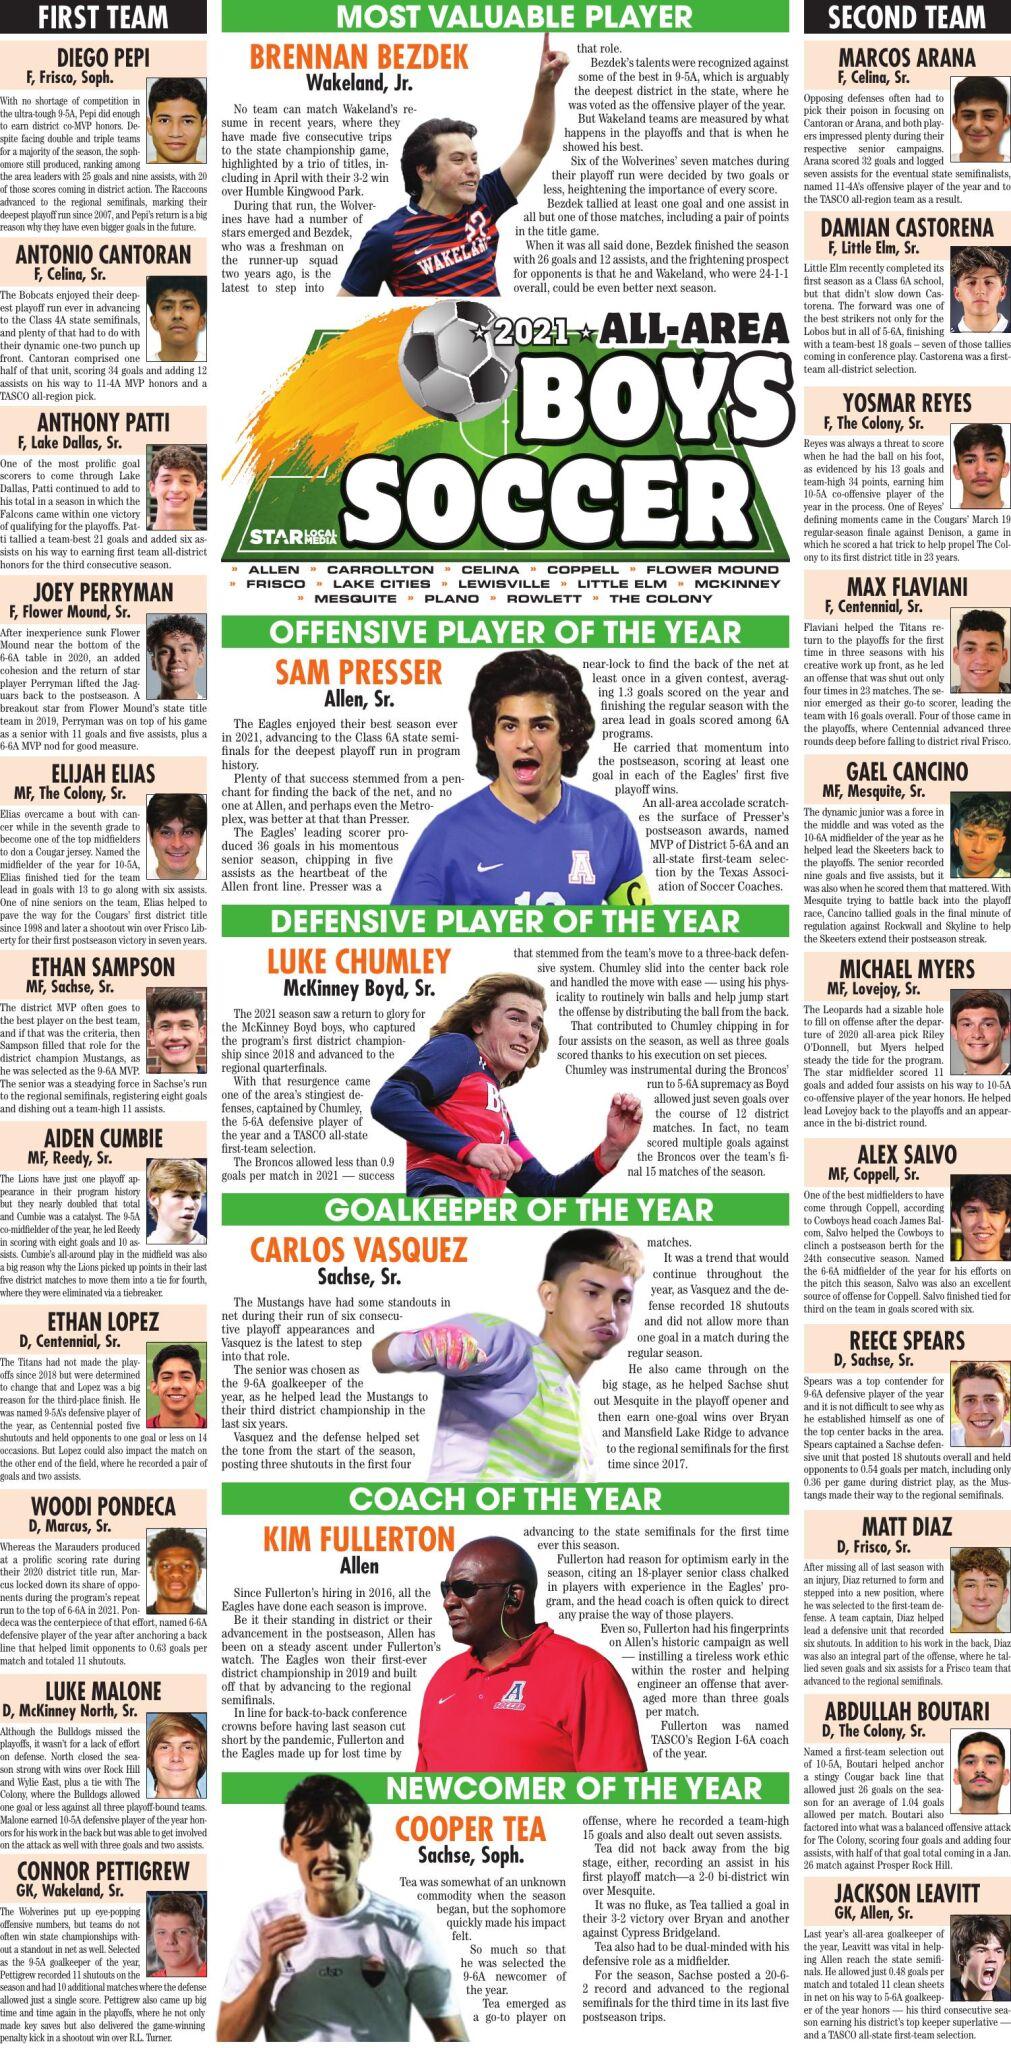 2021 SLM All-Area Boys Soccer Team